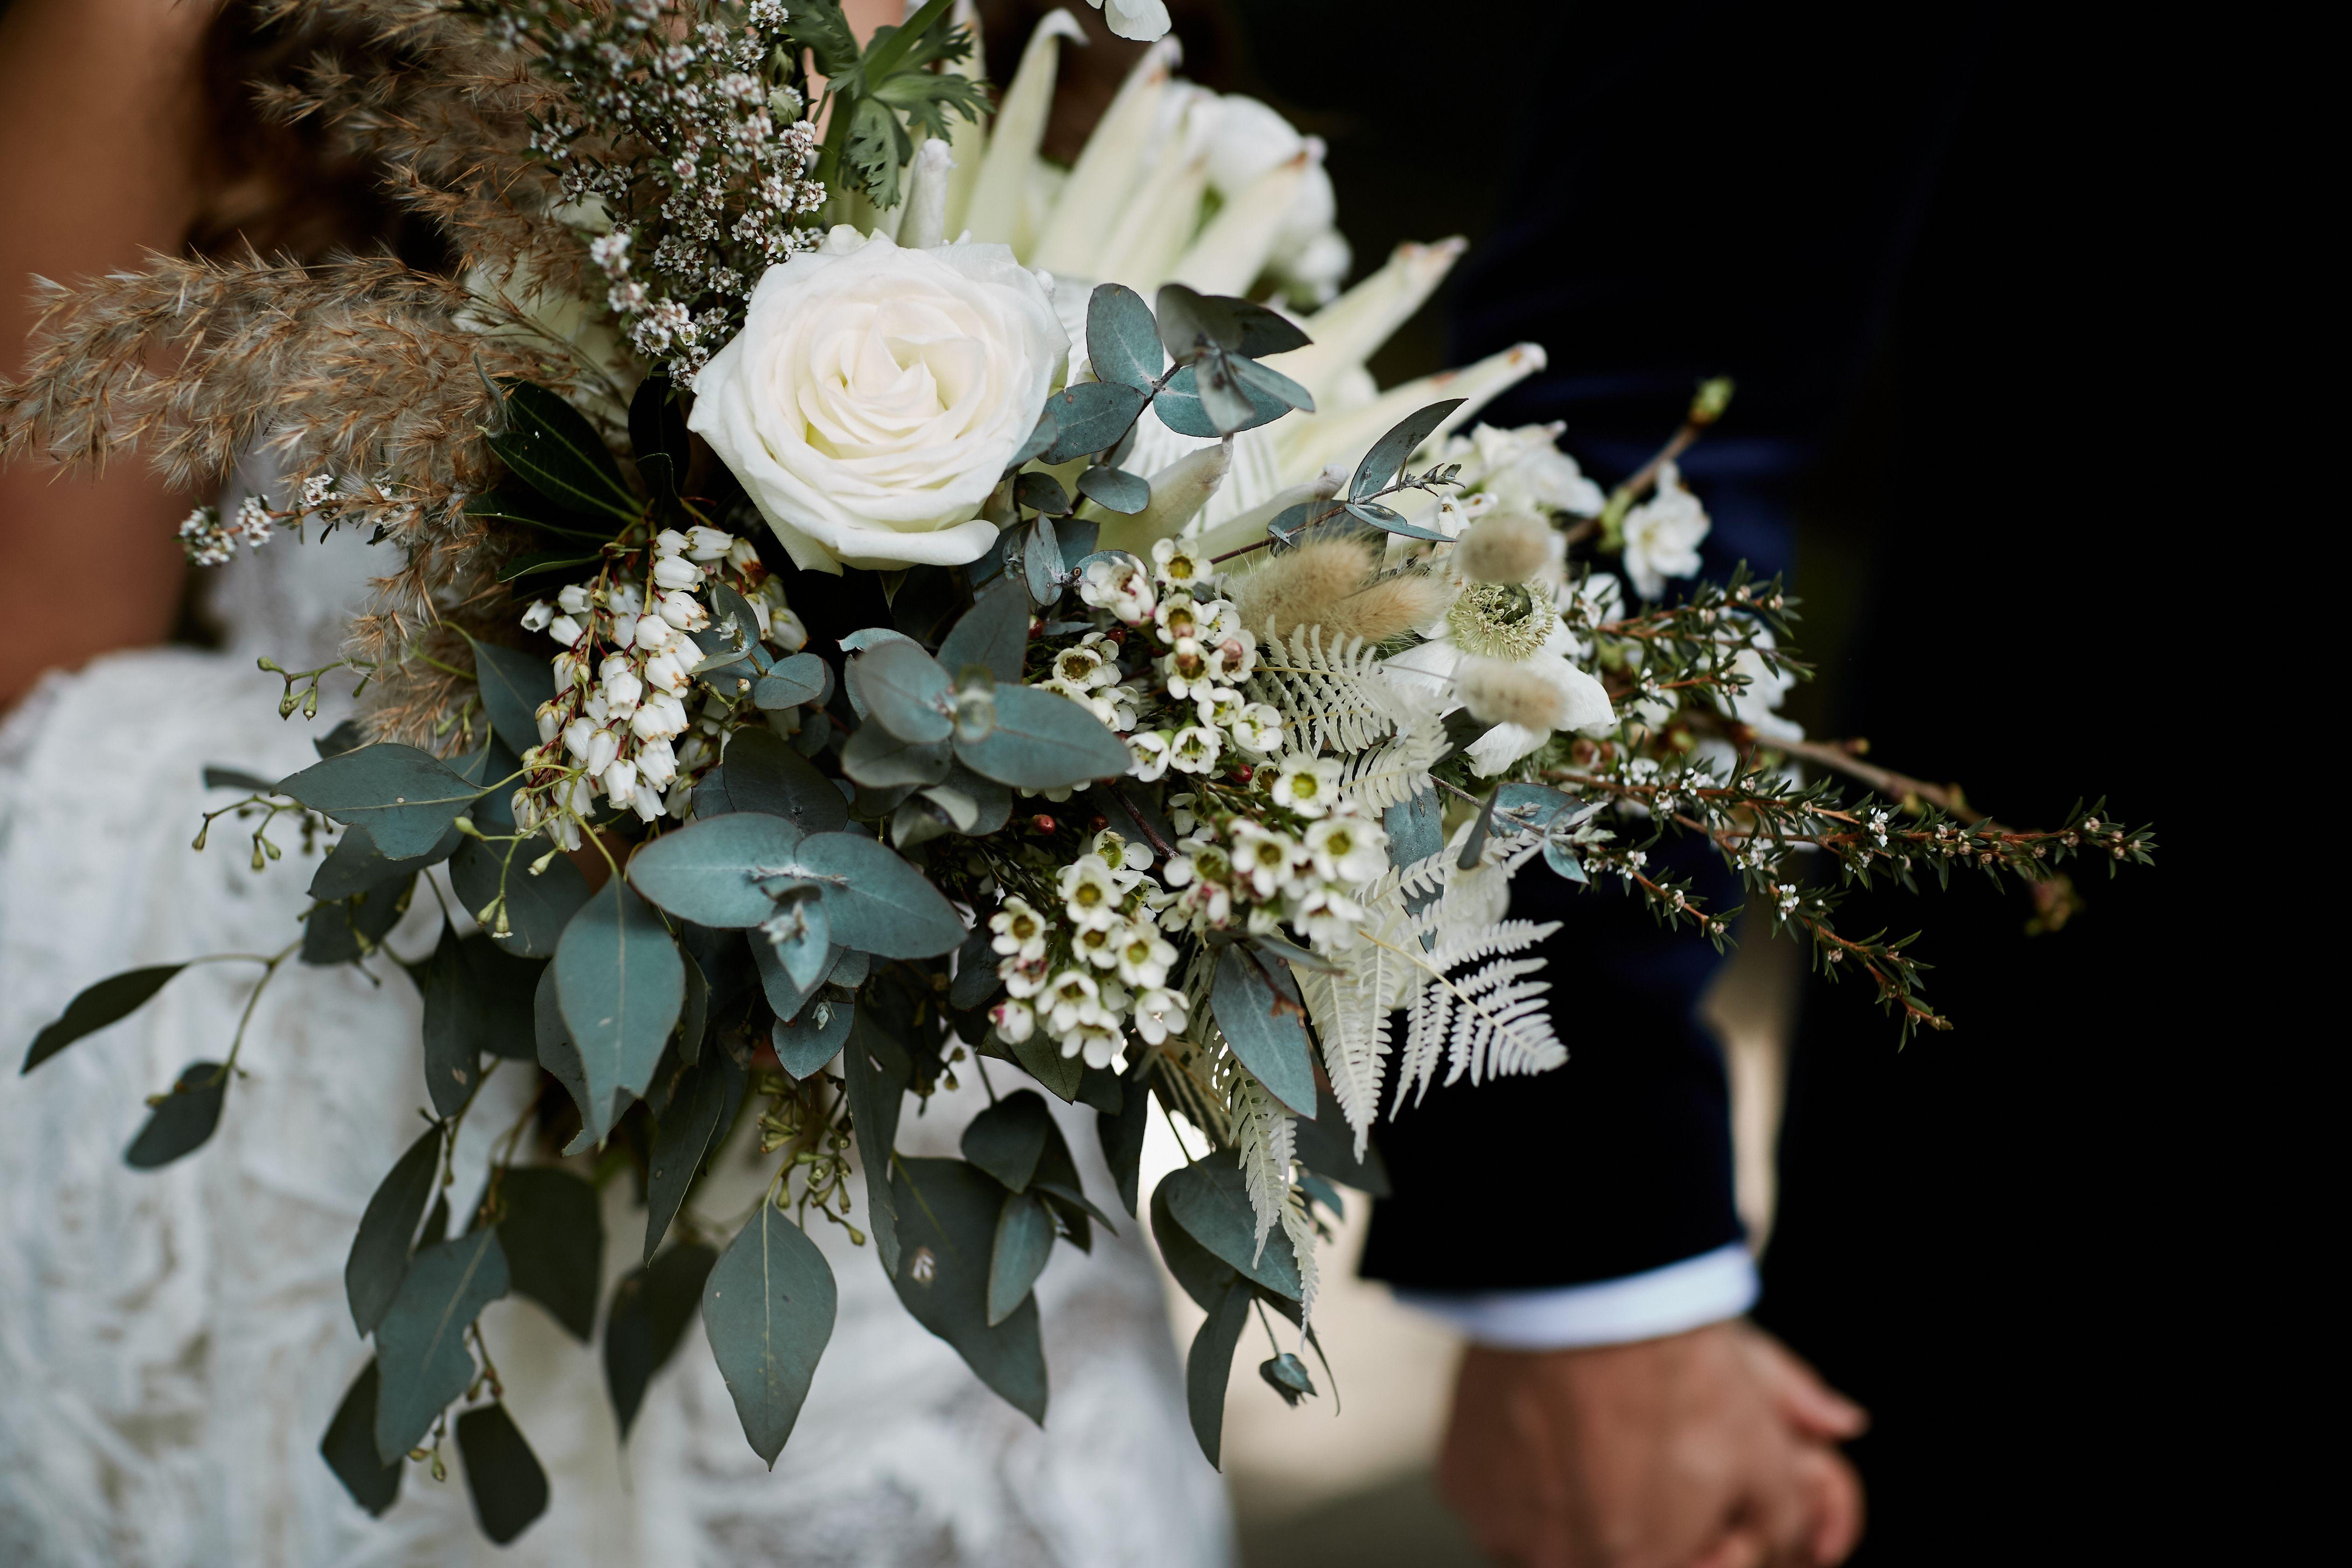 Neutral Tone Bridal Bouquet In 2020 Coast Wedding Central Coast Wedding Venues Wedding Arch